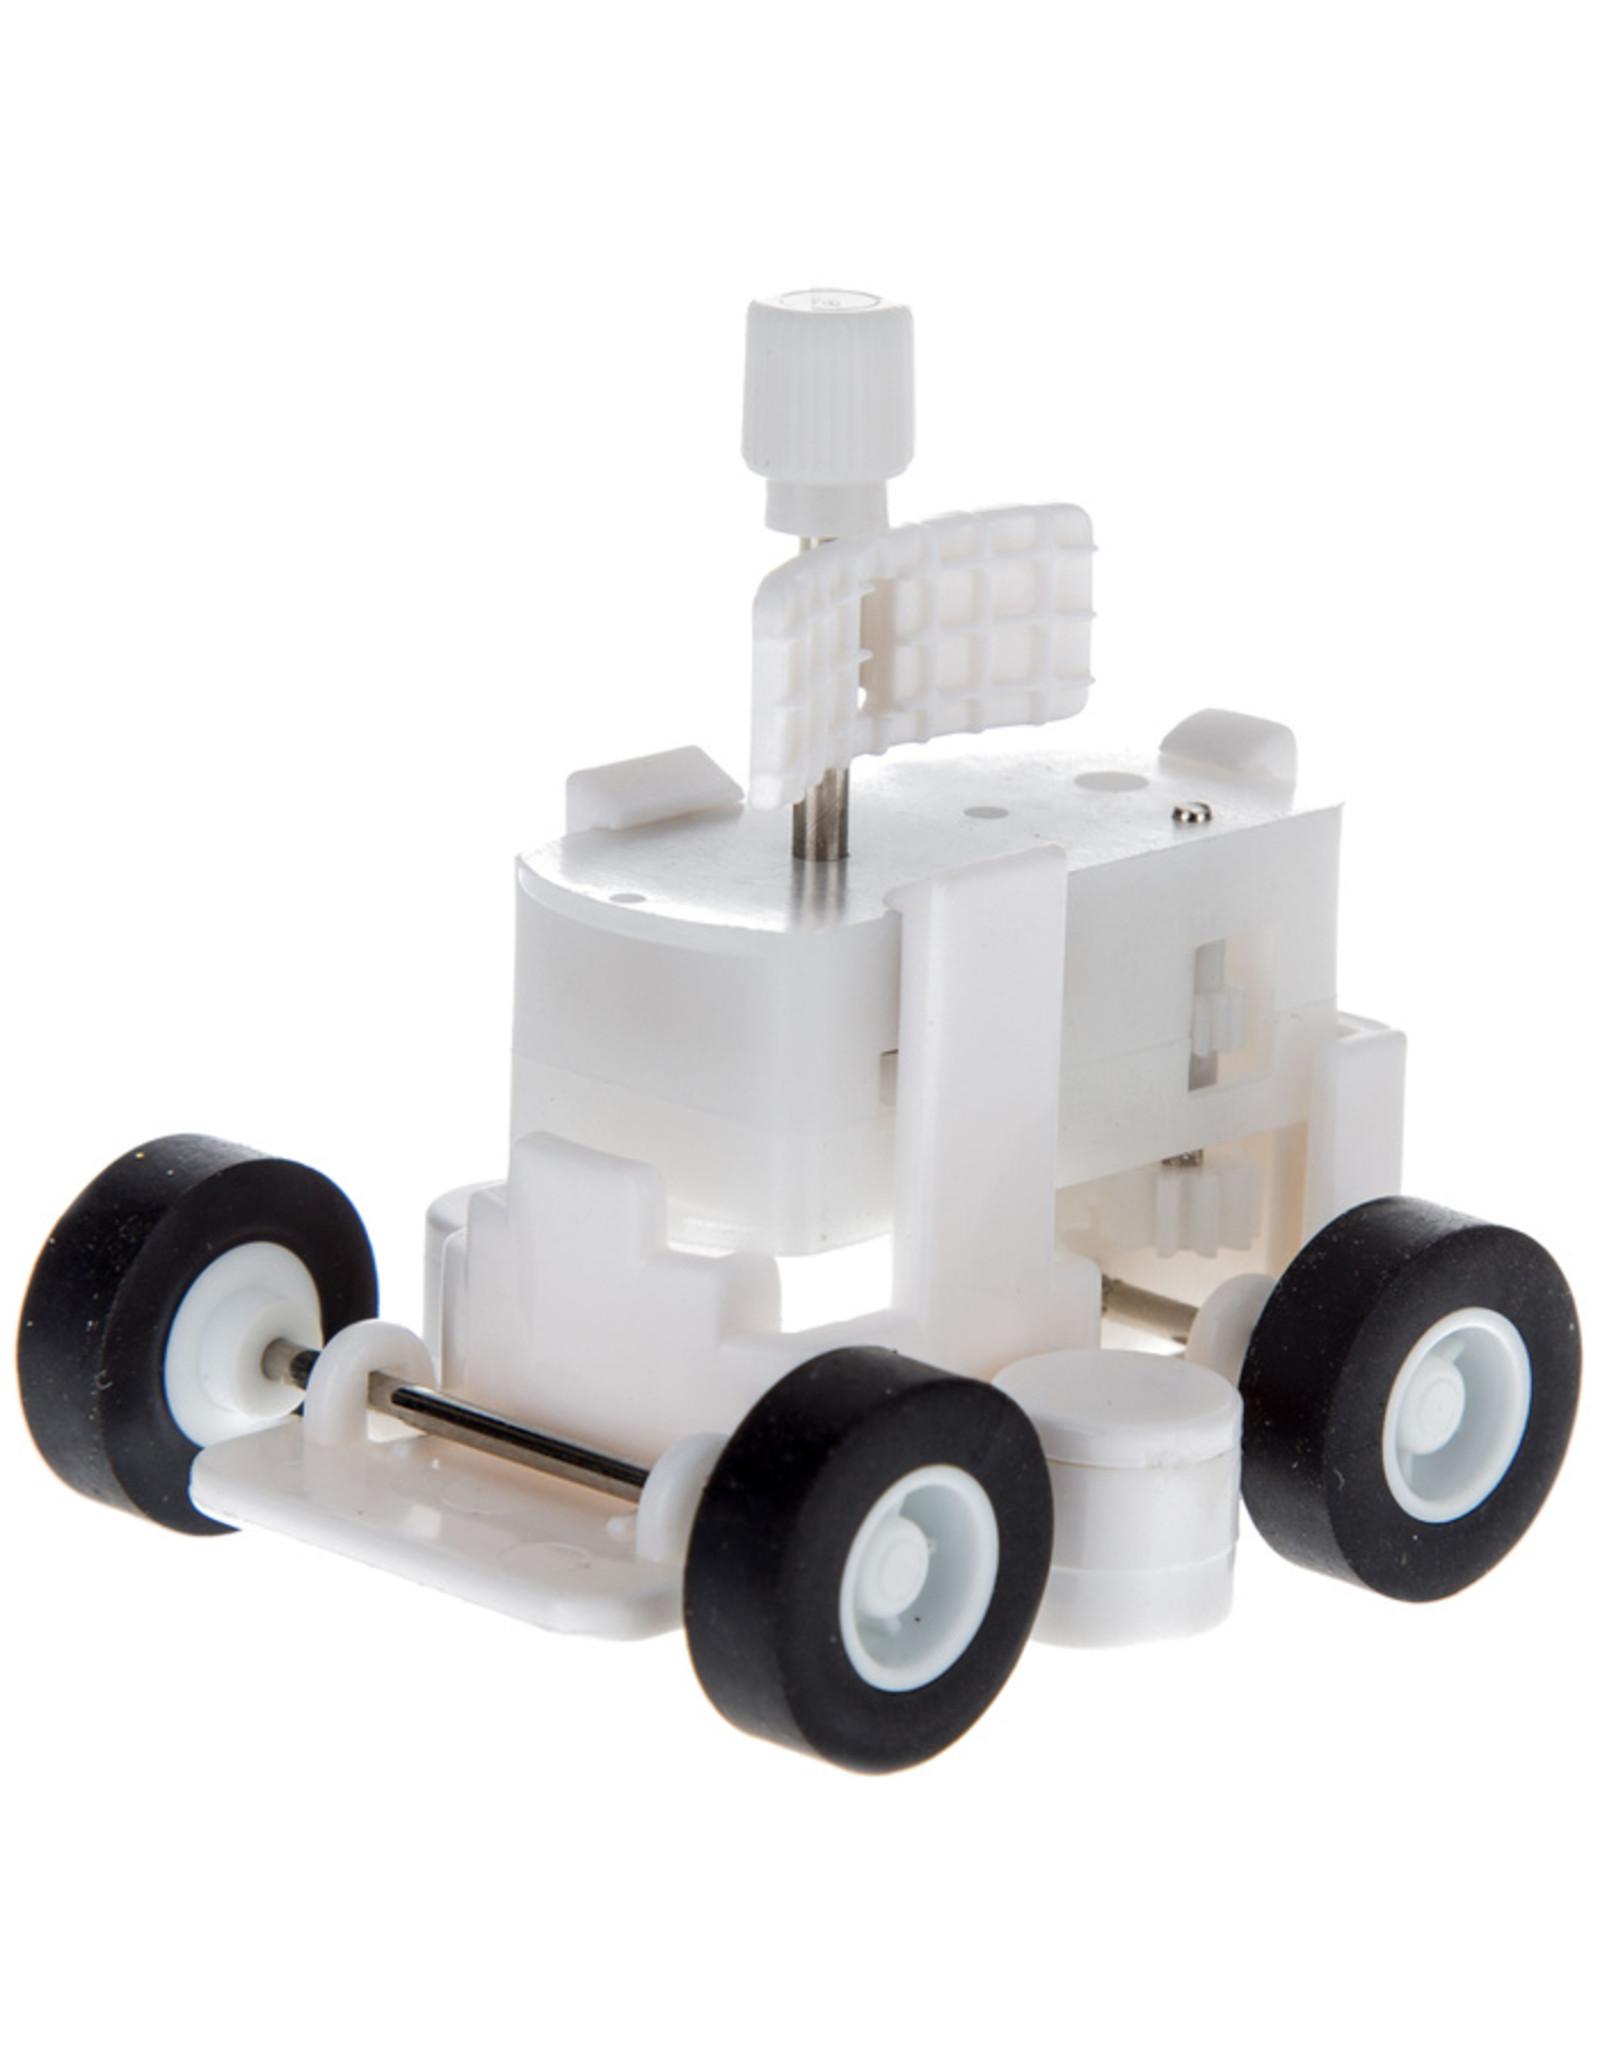 4M Fridge Rover